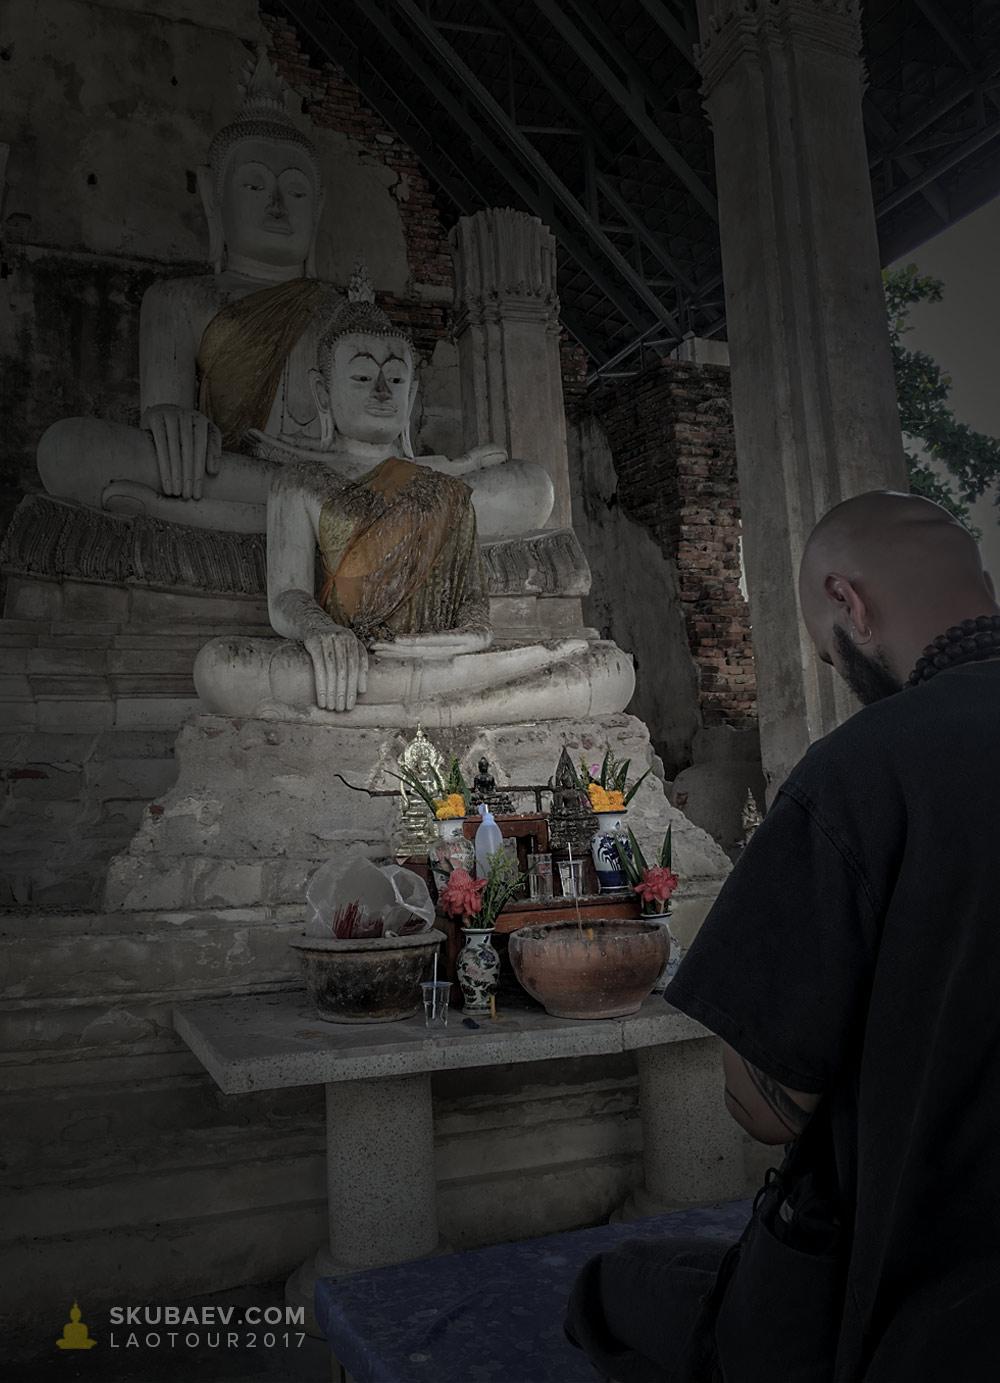 Бодхисаттва Скубаев провел молитву Мира в древнем храме Белого Будды